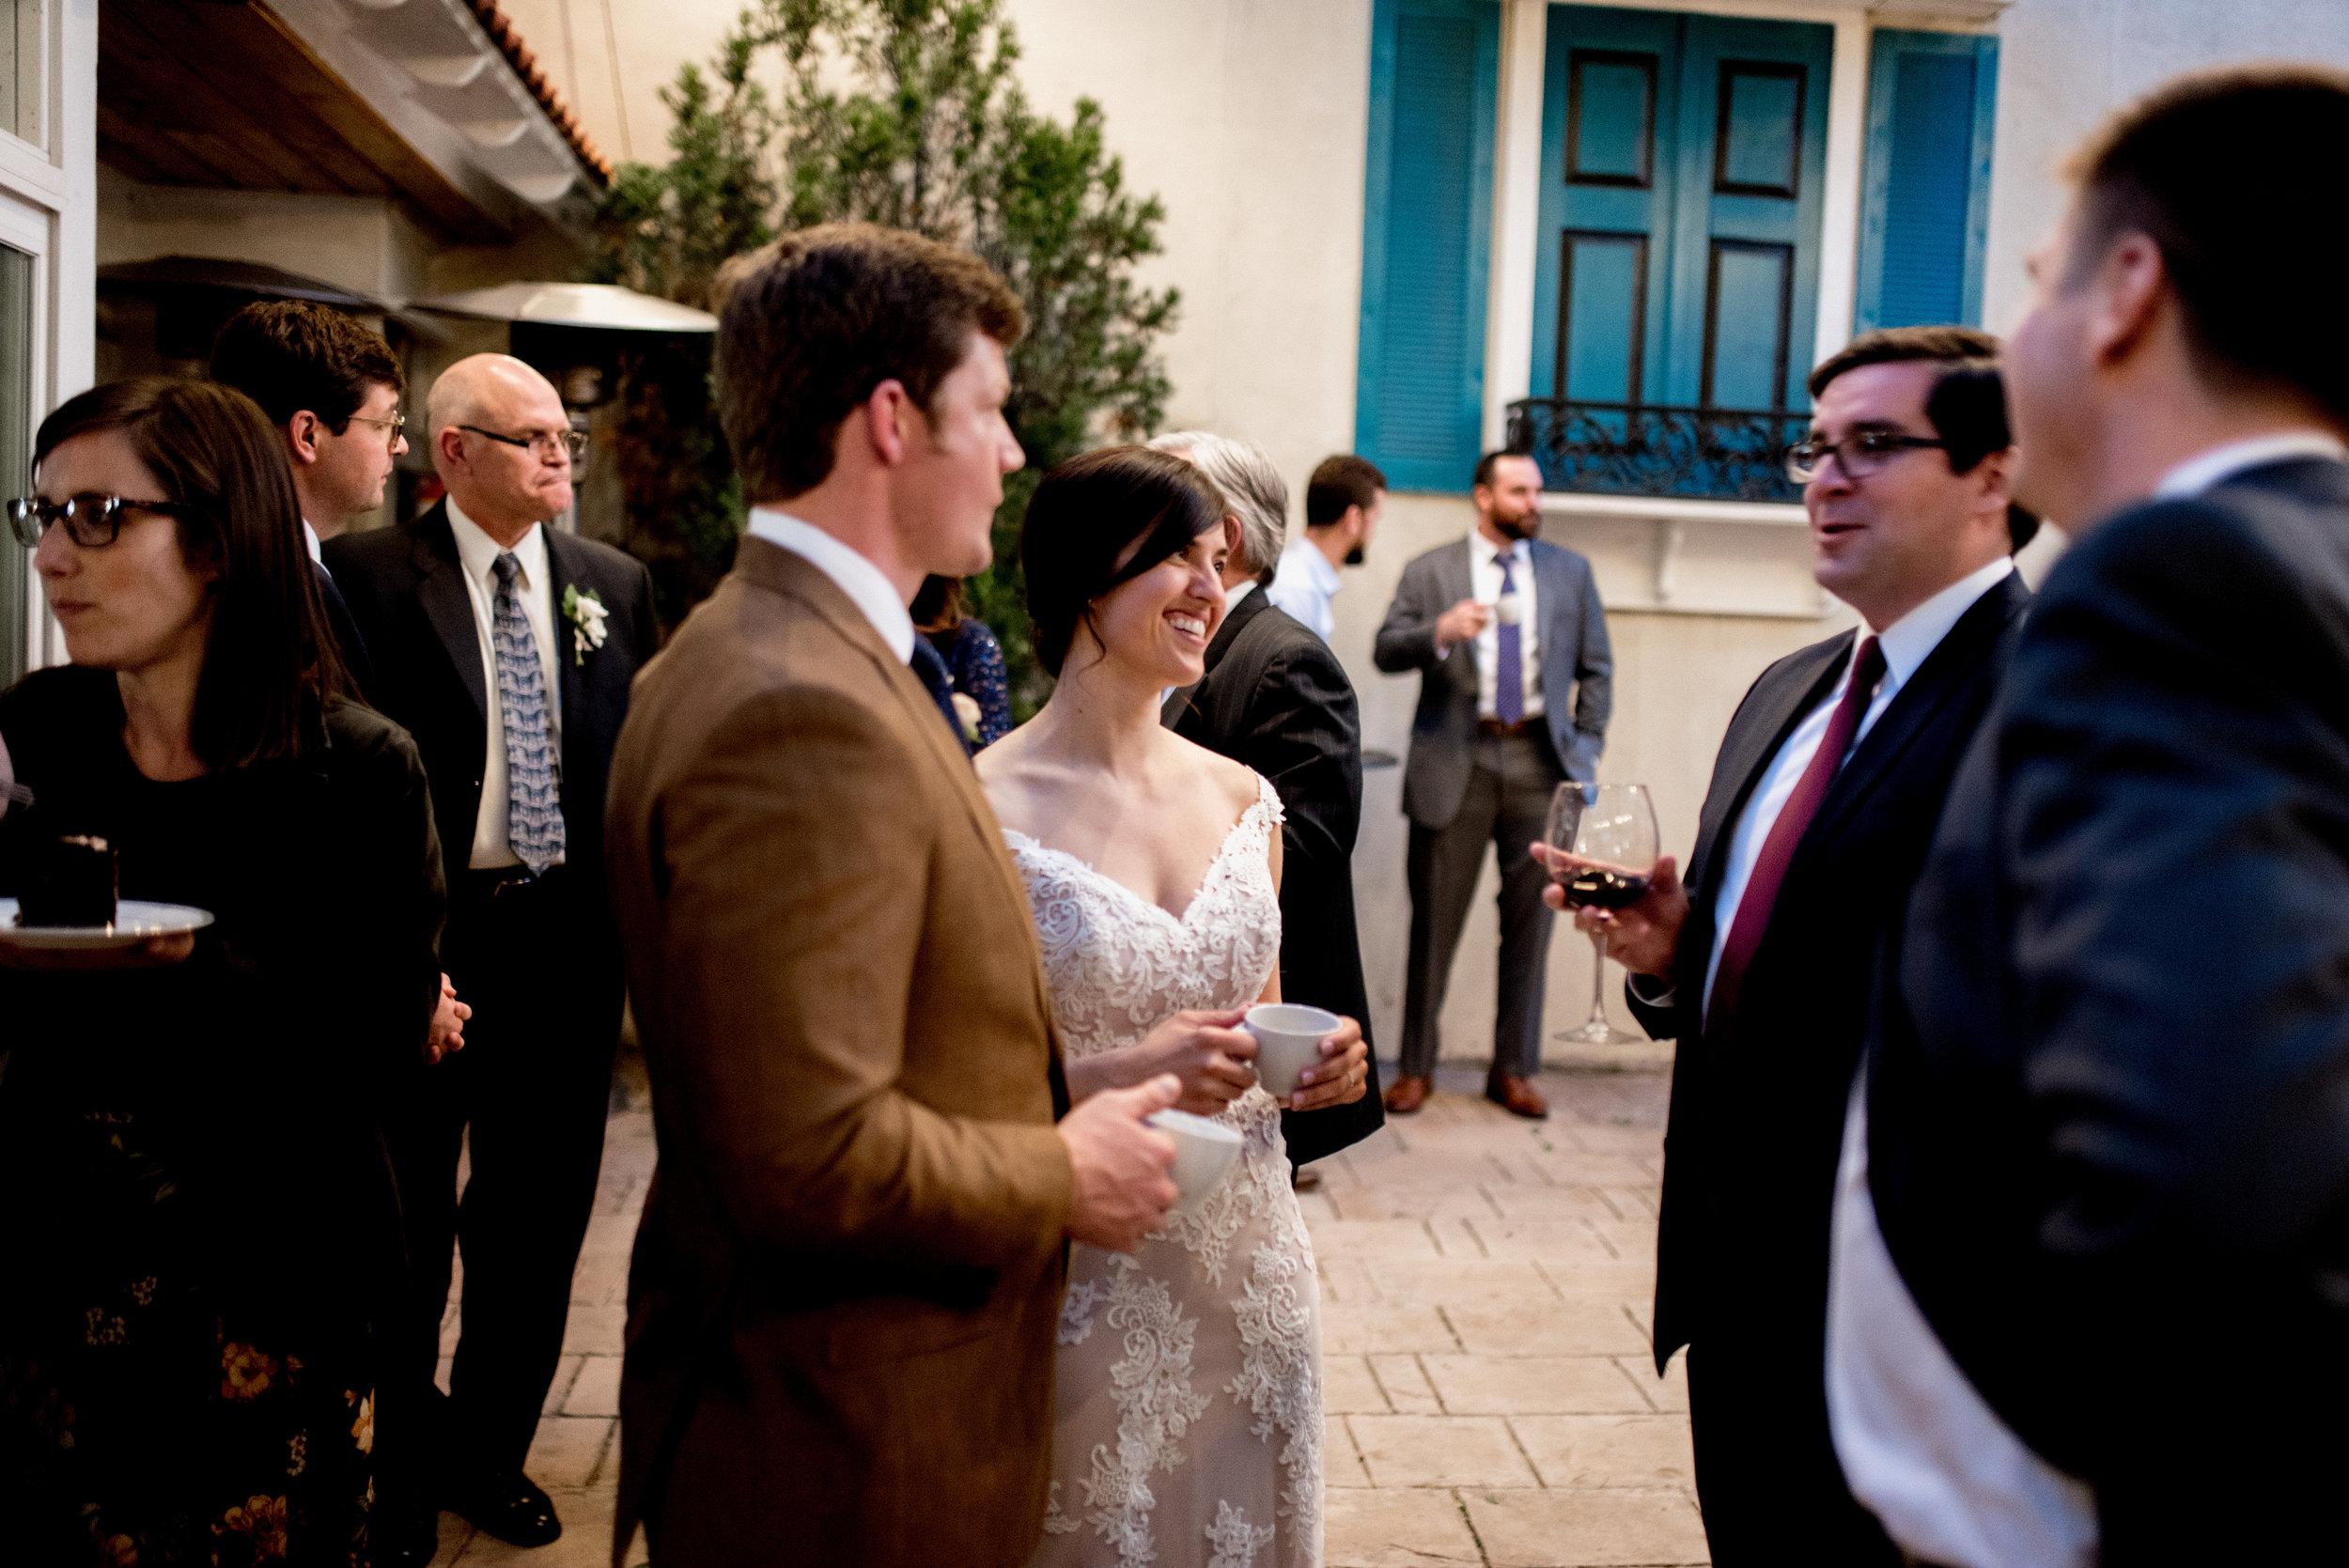 Photo by www.abipoe.com Smith Wedding-467.jpg